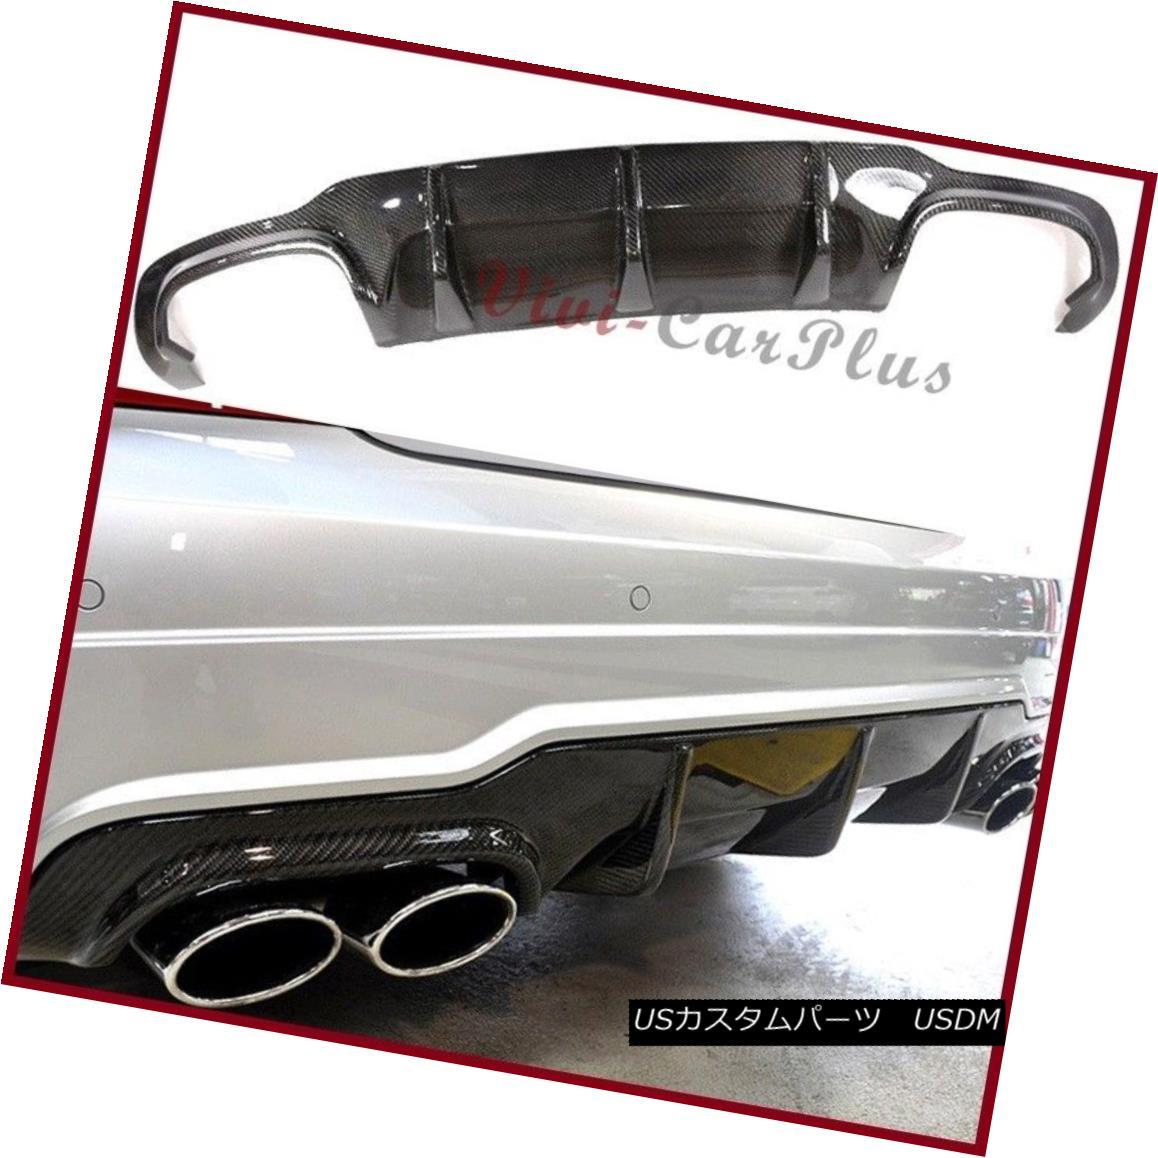 エアロパーツ AMG C63 Type Rear Diffuser Carbon M-Benz C204 Fiber Fit 12-14 M-Benz C204 2DR C250 C300 C350 C63 AMGタイプリアディフューザーカーボンファイバーフィッティング12-14 M-Benz C204 2DR C250 C300 C350 C63, 八森町:a85ea53e --- officewill.xsrv.jp